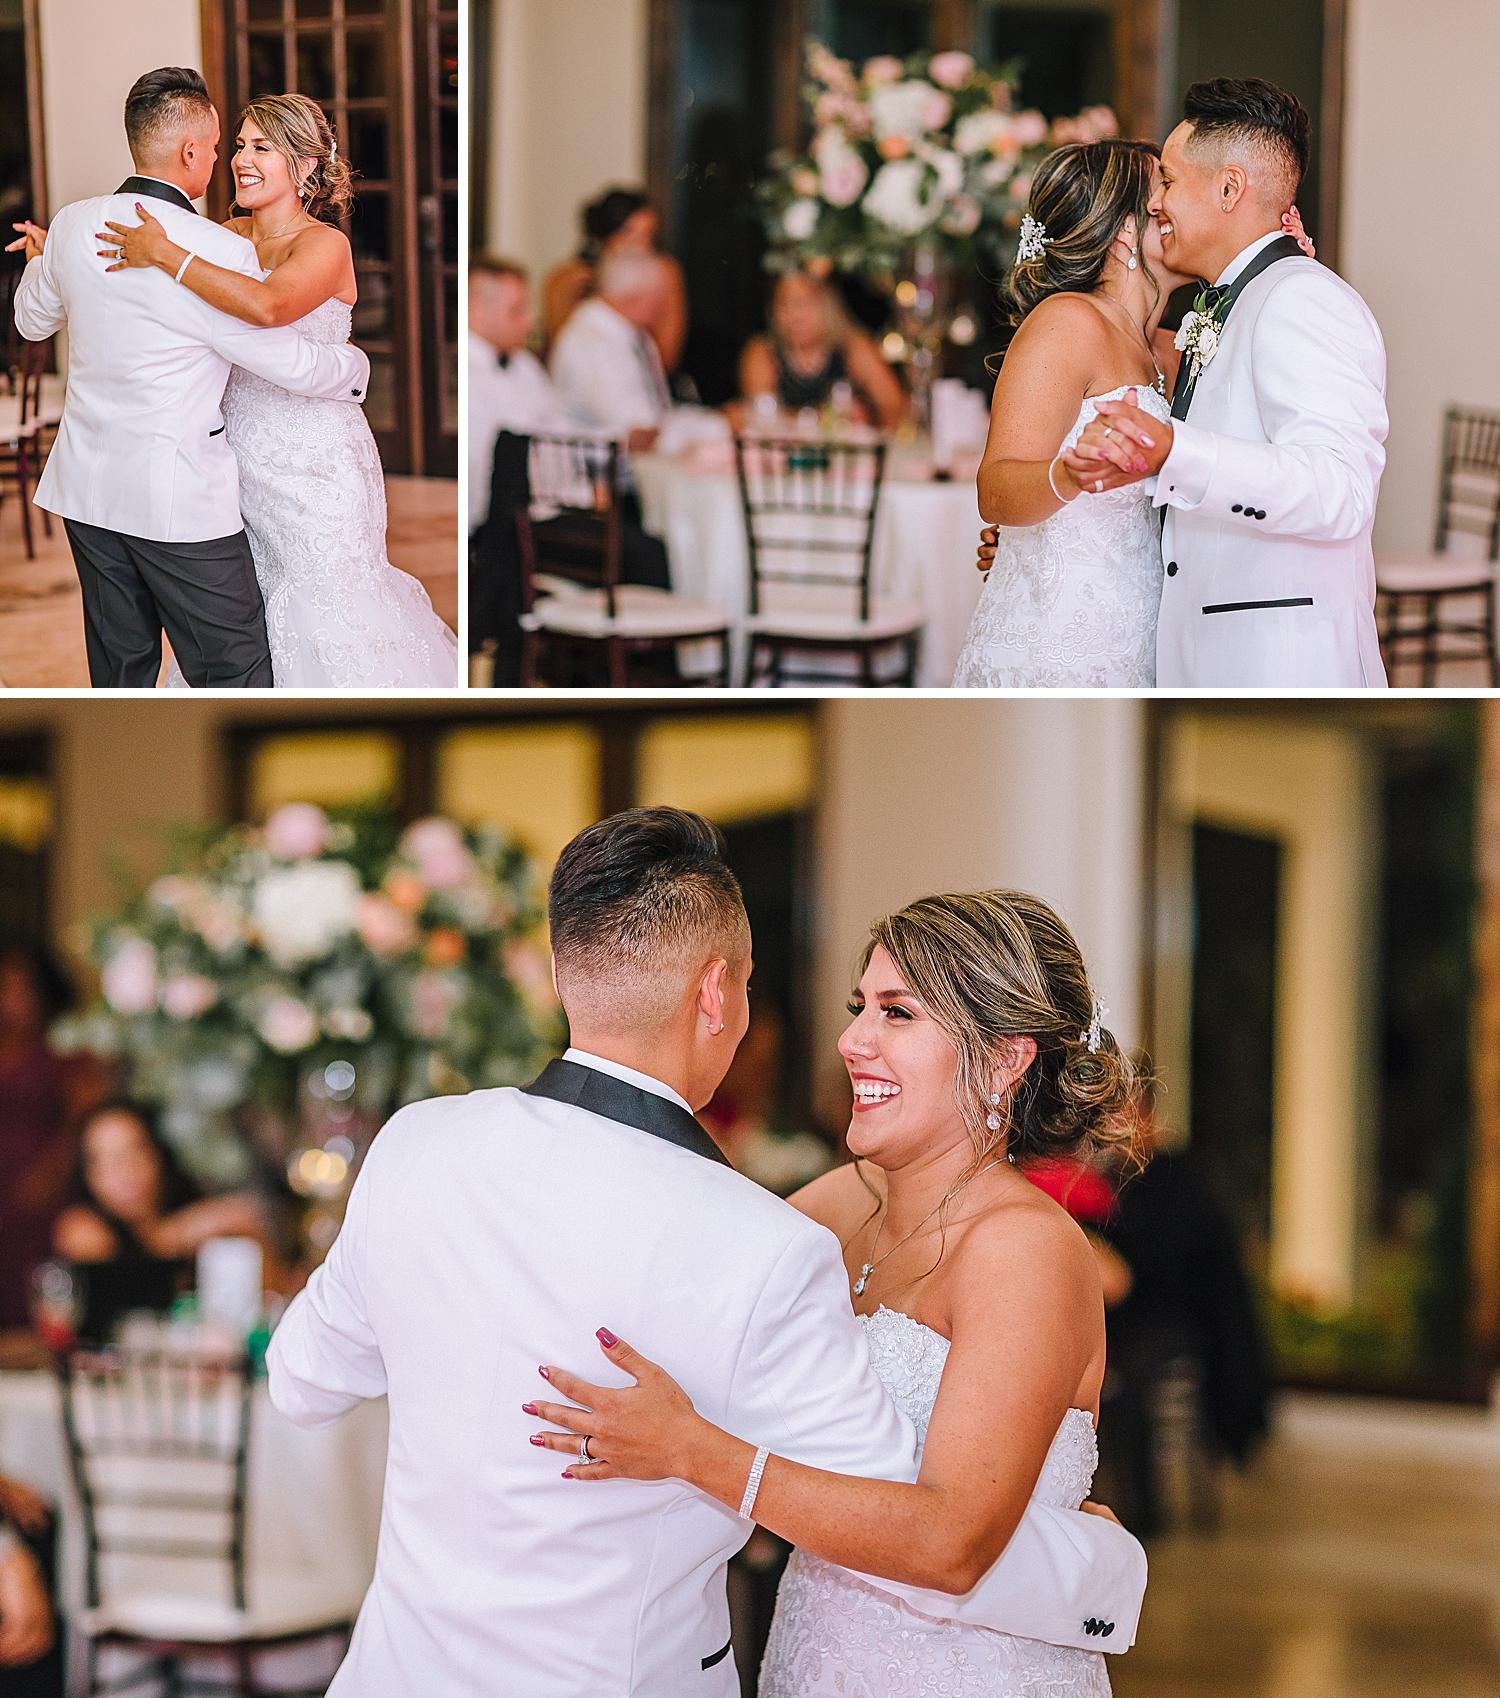 Carly-Barton-Photography-The-Villa-at-Cielo-Vista-Blush-Gold-White-Wedding-Photos_0015.jpg